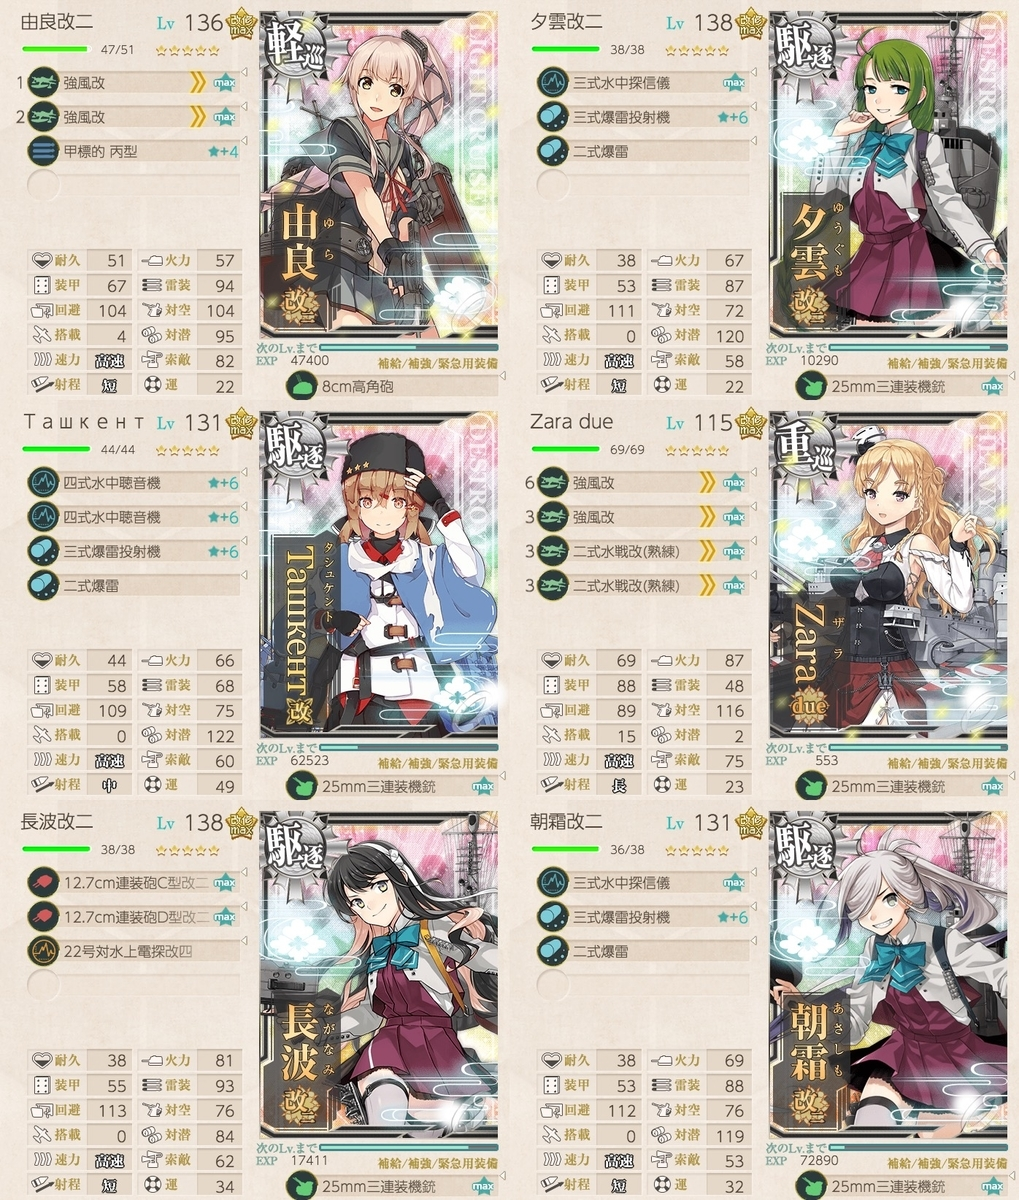 f:id:nameless_admiral:20200307125936j:plain